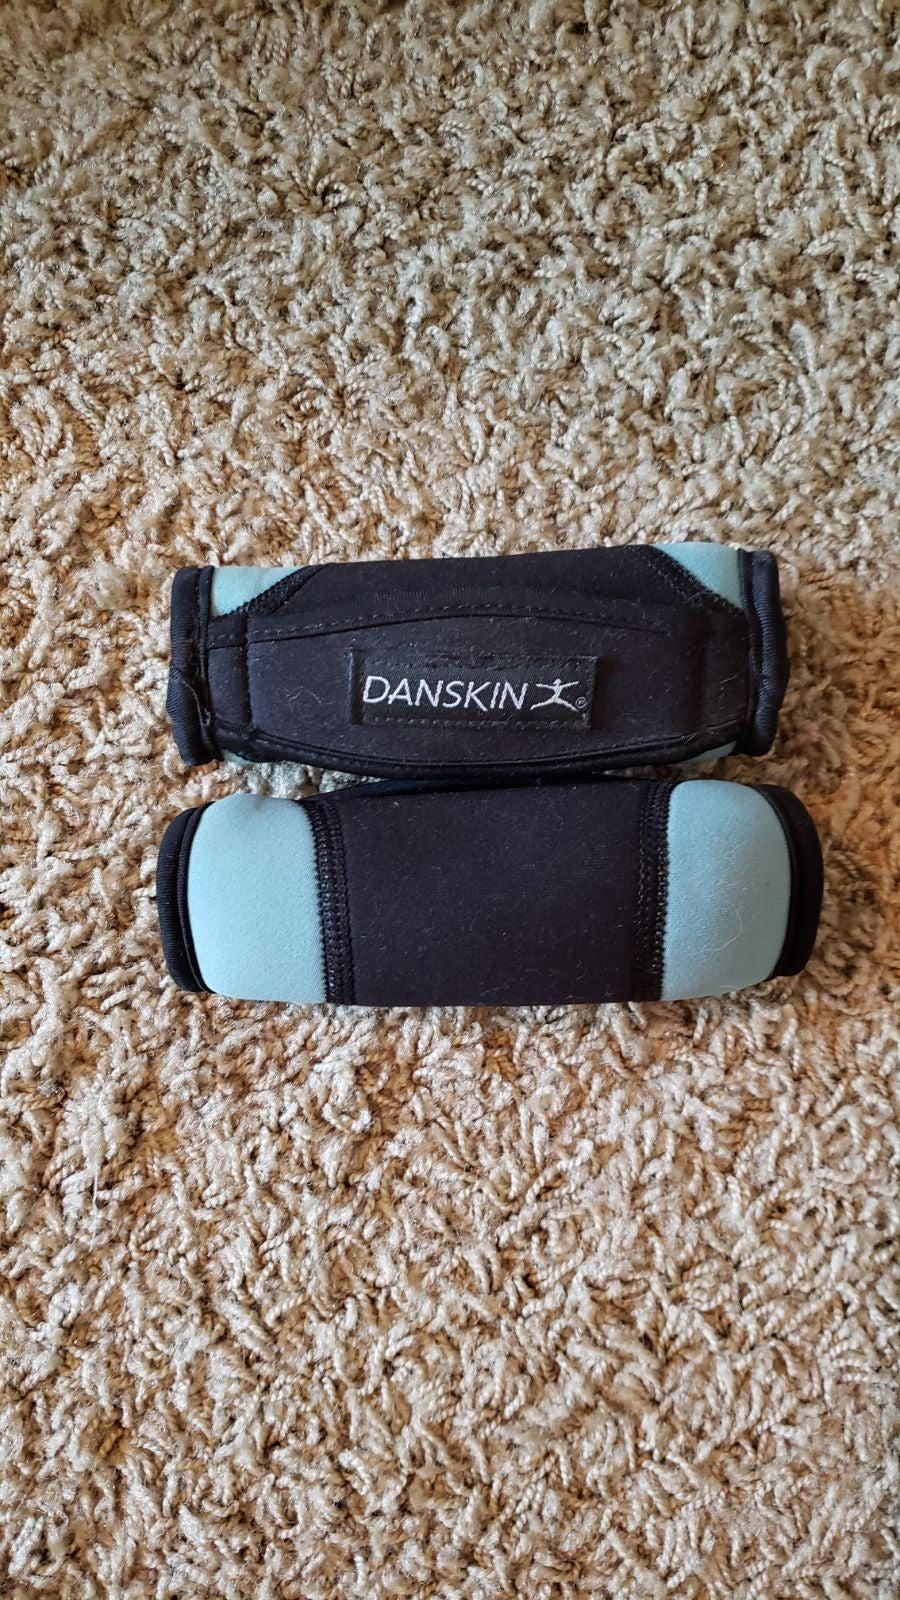 Danskin Walking Weights 1lb Each